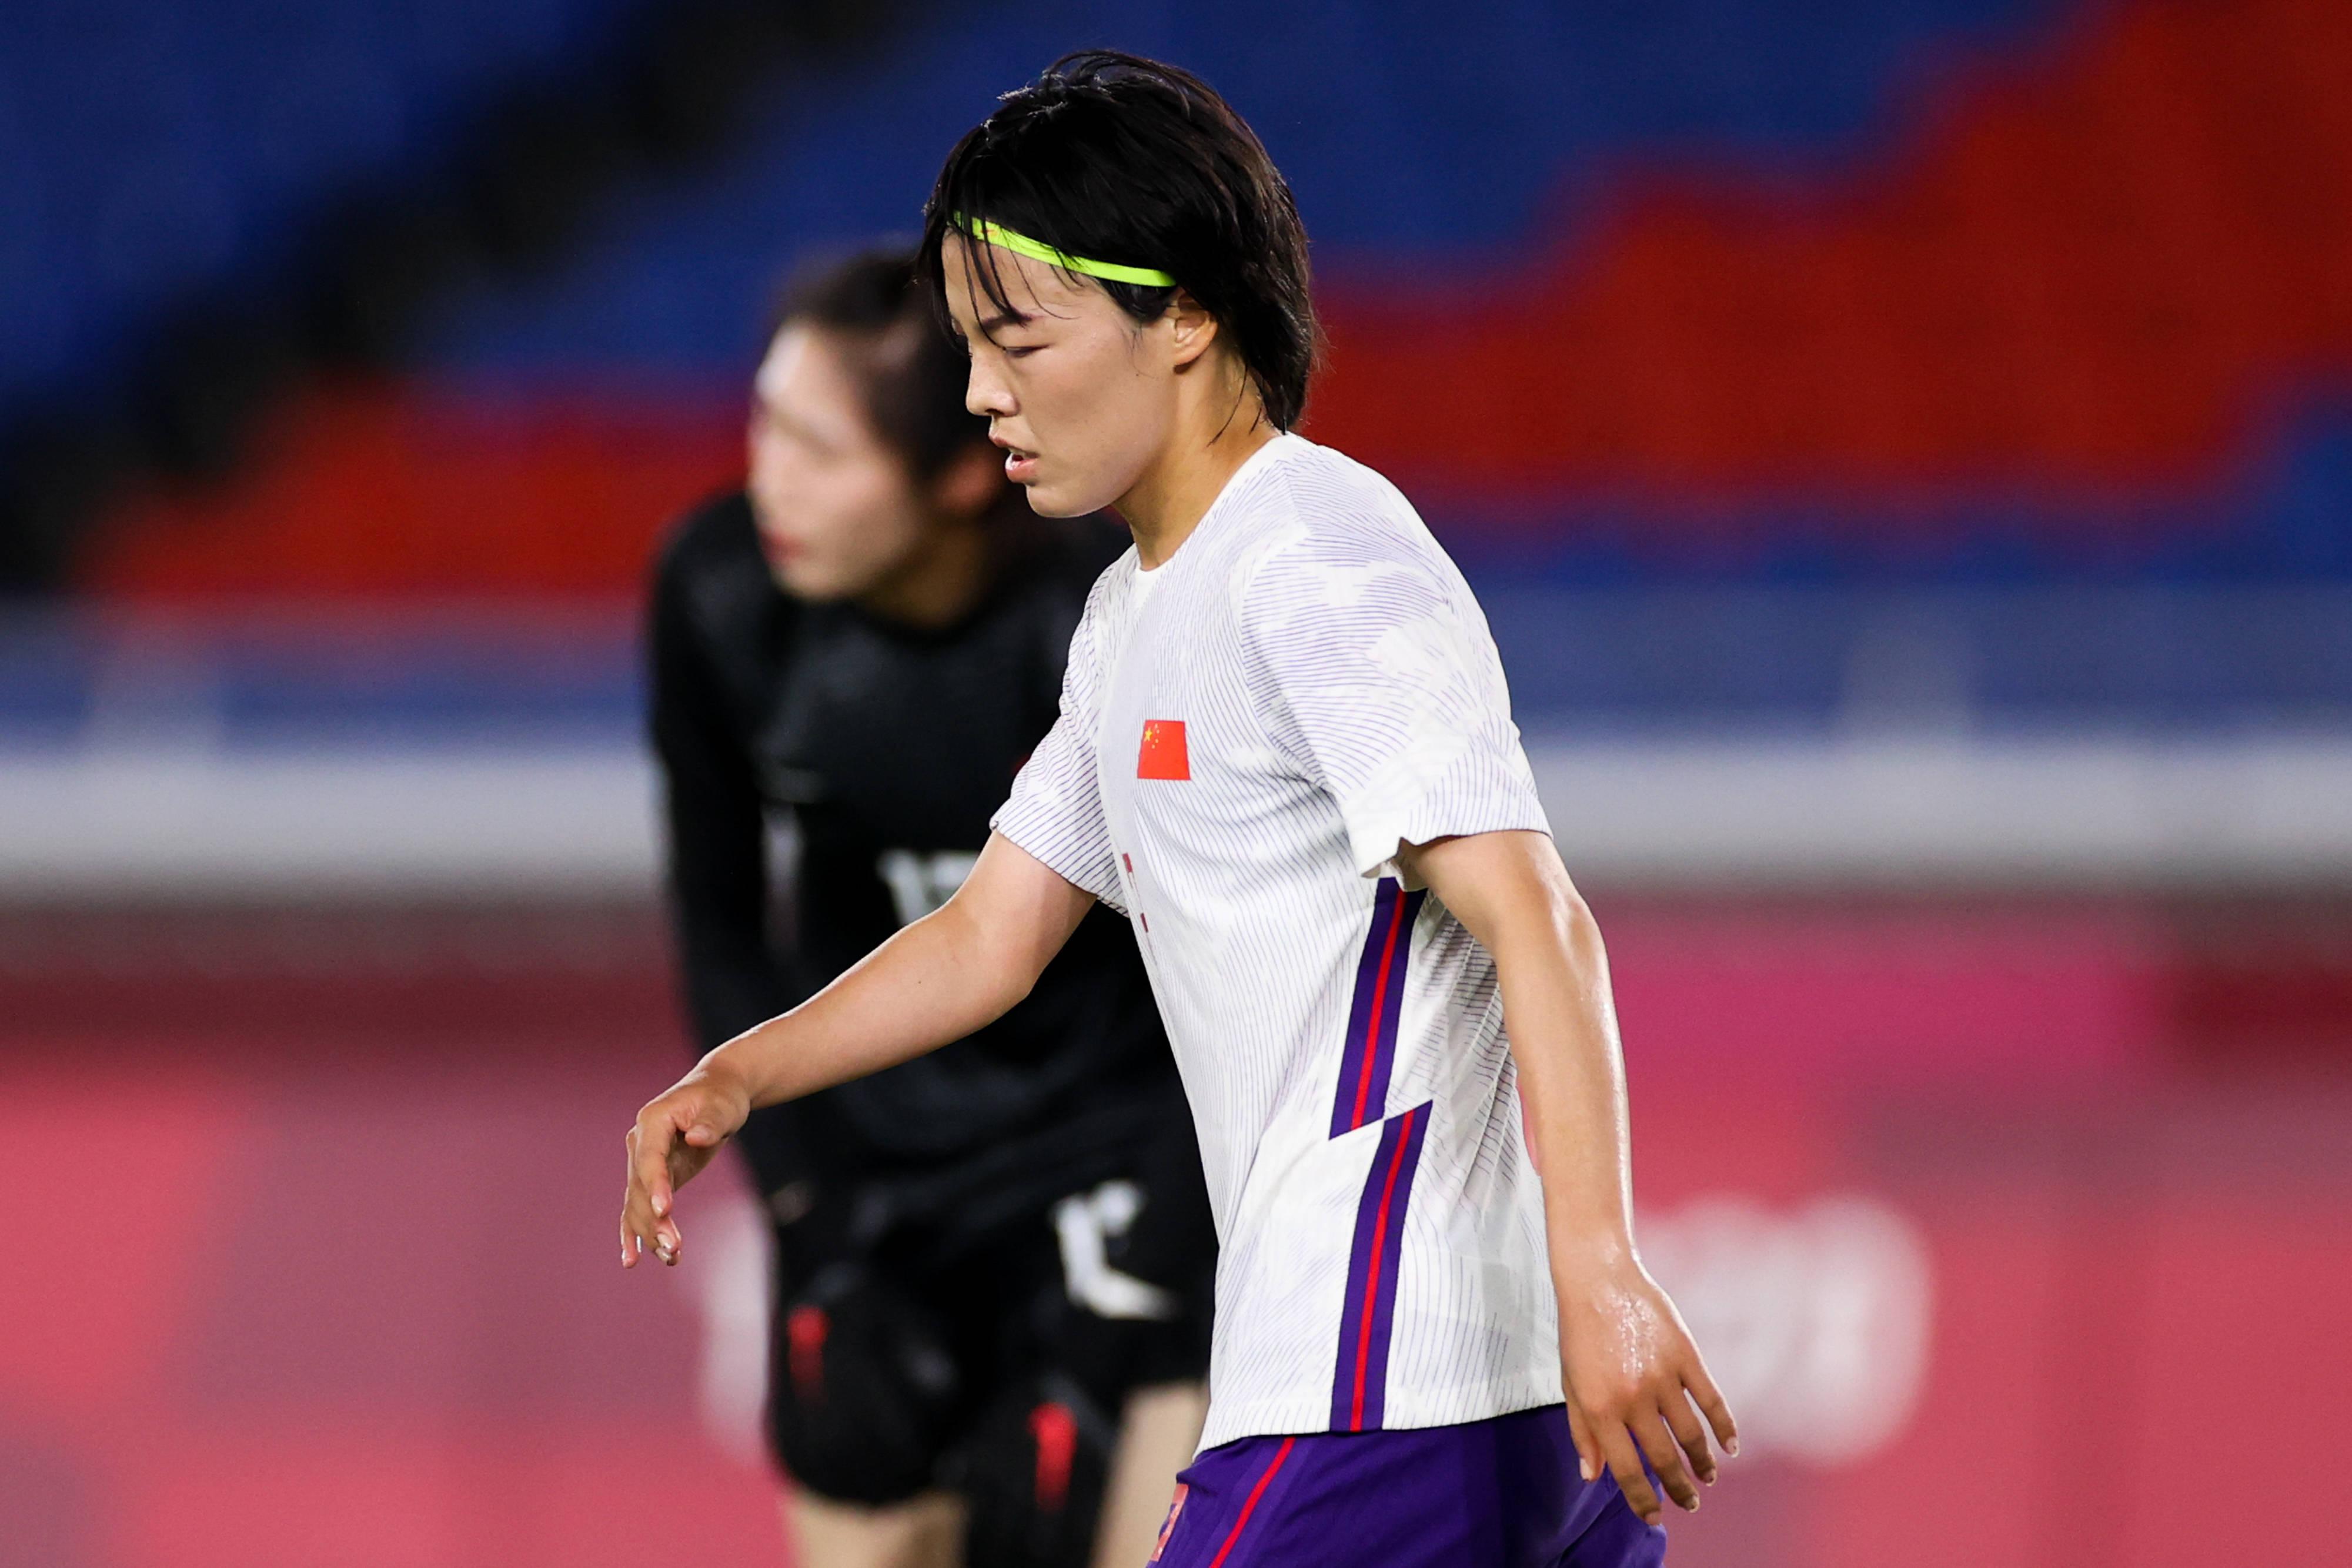 中国女足2-8不敌荷兰!奥运小组赛出局,三场丢17球